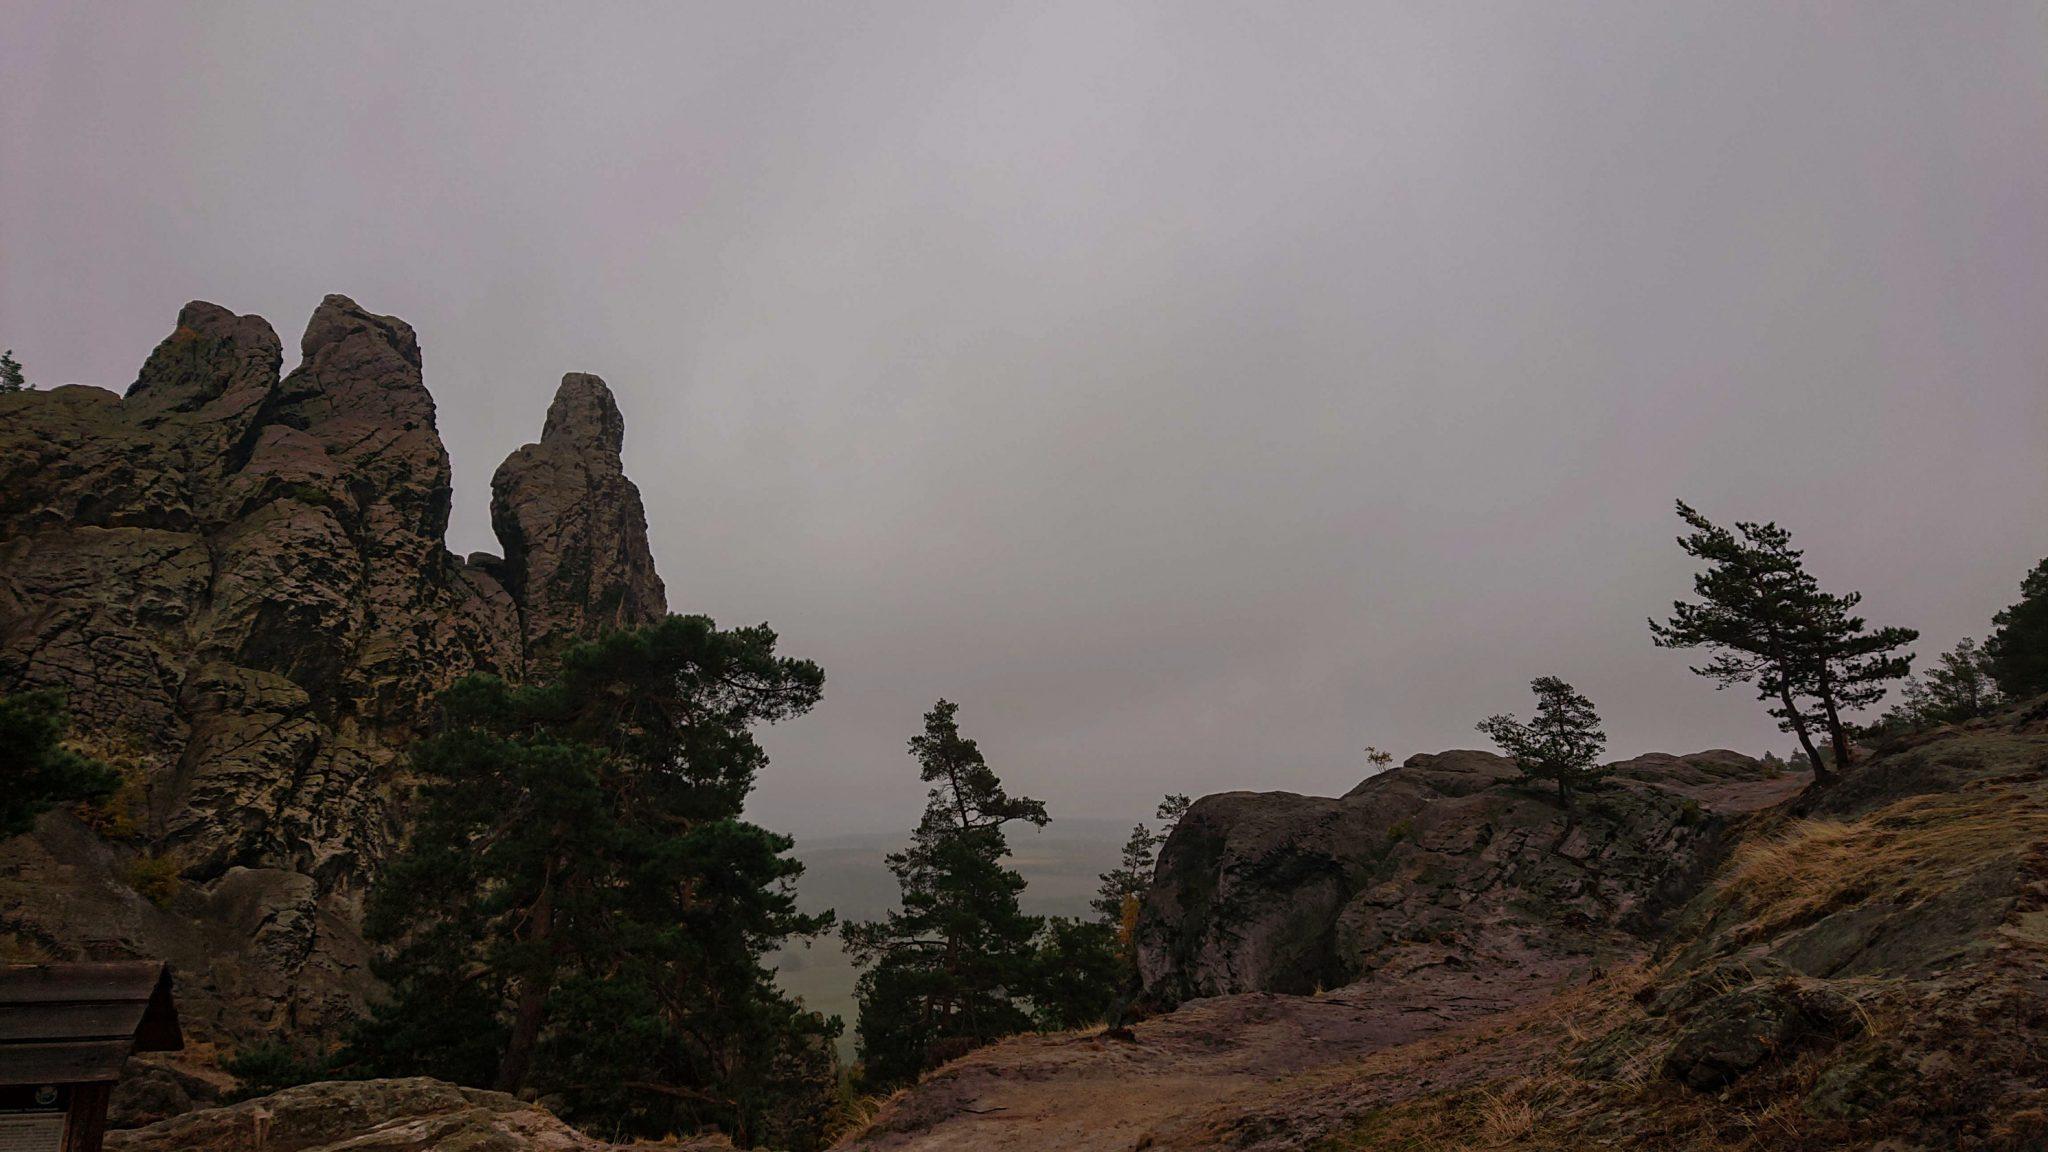 Rundwanderung auf der Blankenburger Teufelsmauer, Felsformation und Aussicht auf  umliegende Landschaft, Beginn des Wanderwegs Blankenburger Teufelsmauer